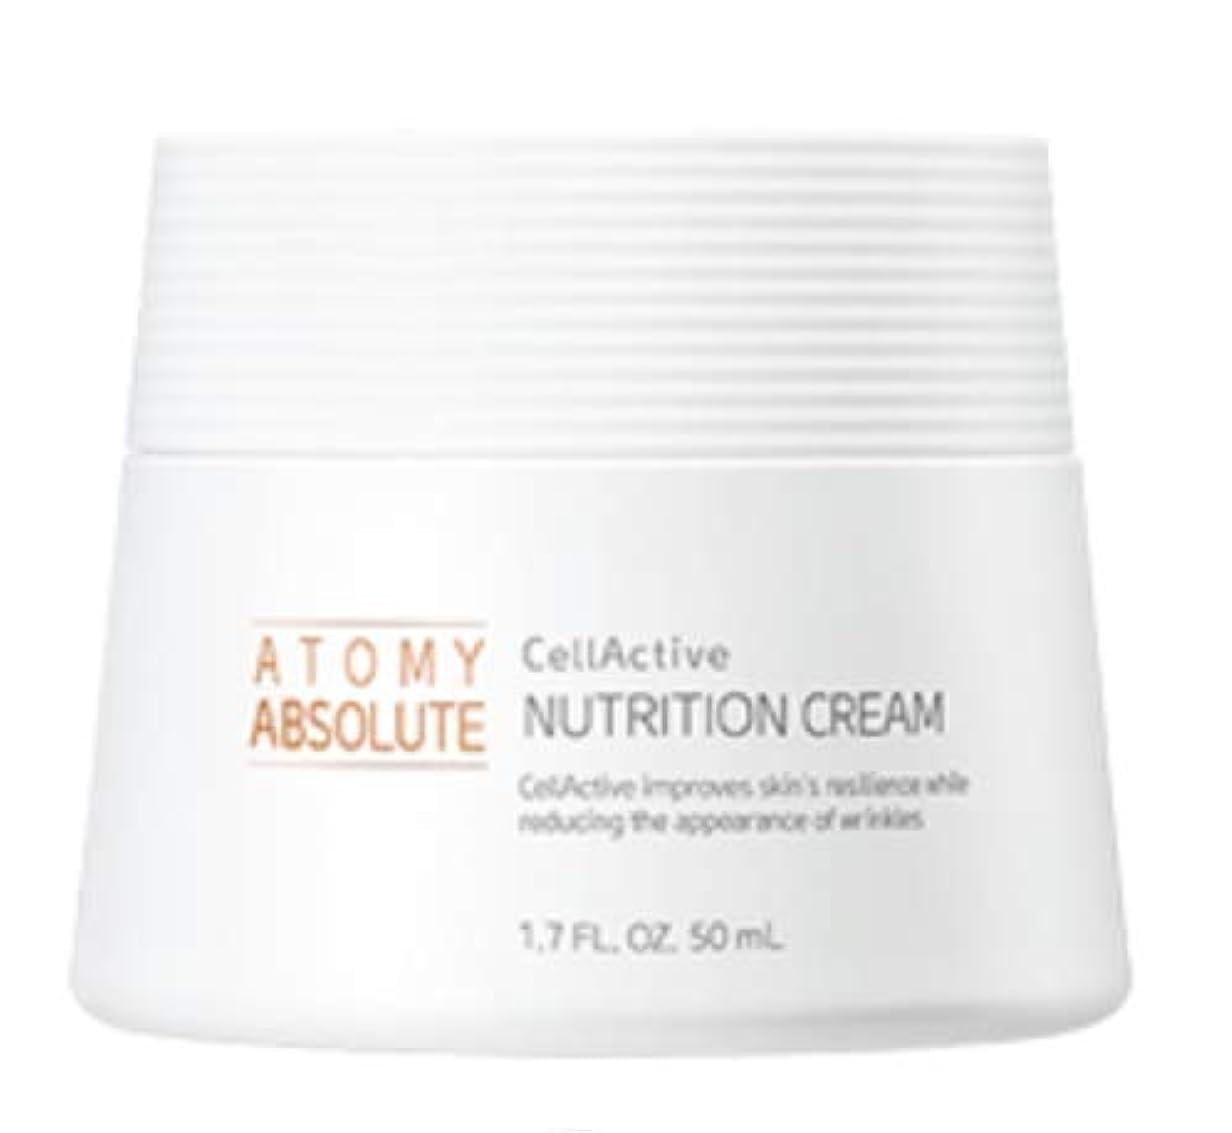 アトミエイソルート セレクティブ クリーム Atomy Absolute Celective Cream 50ml [並行輸入品]